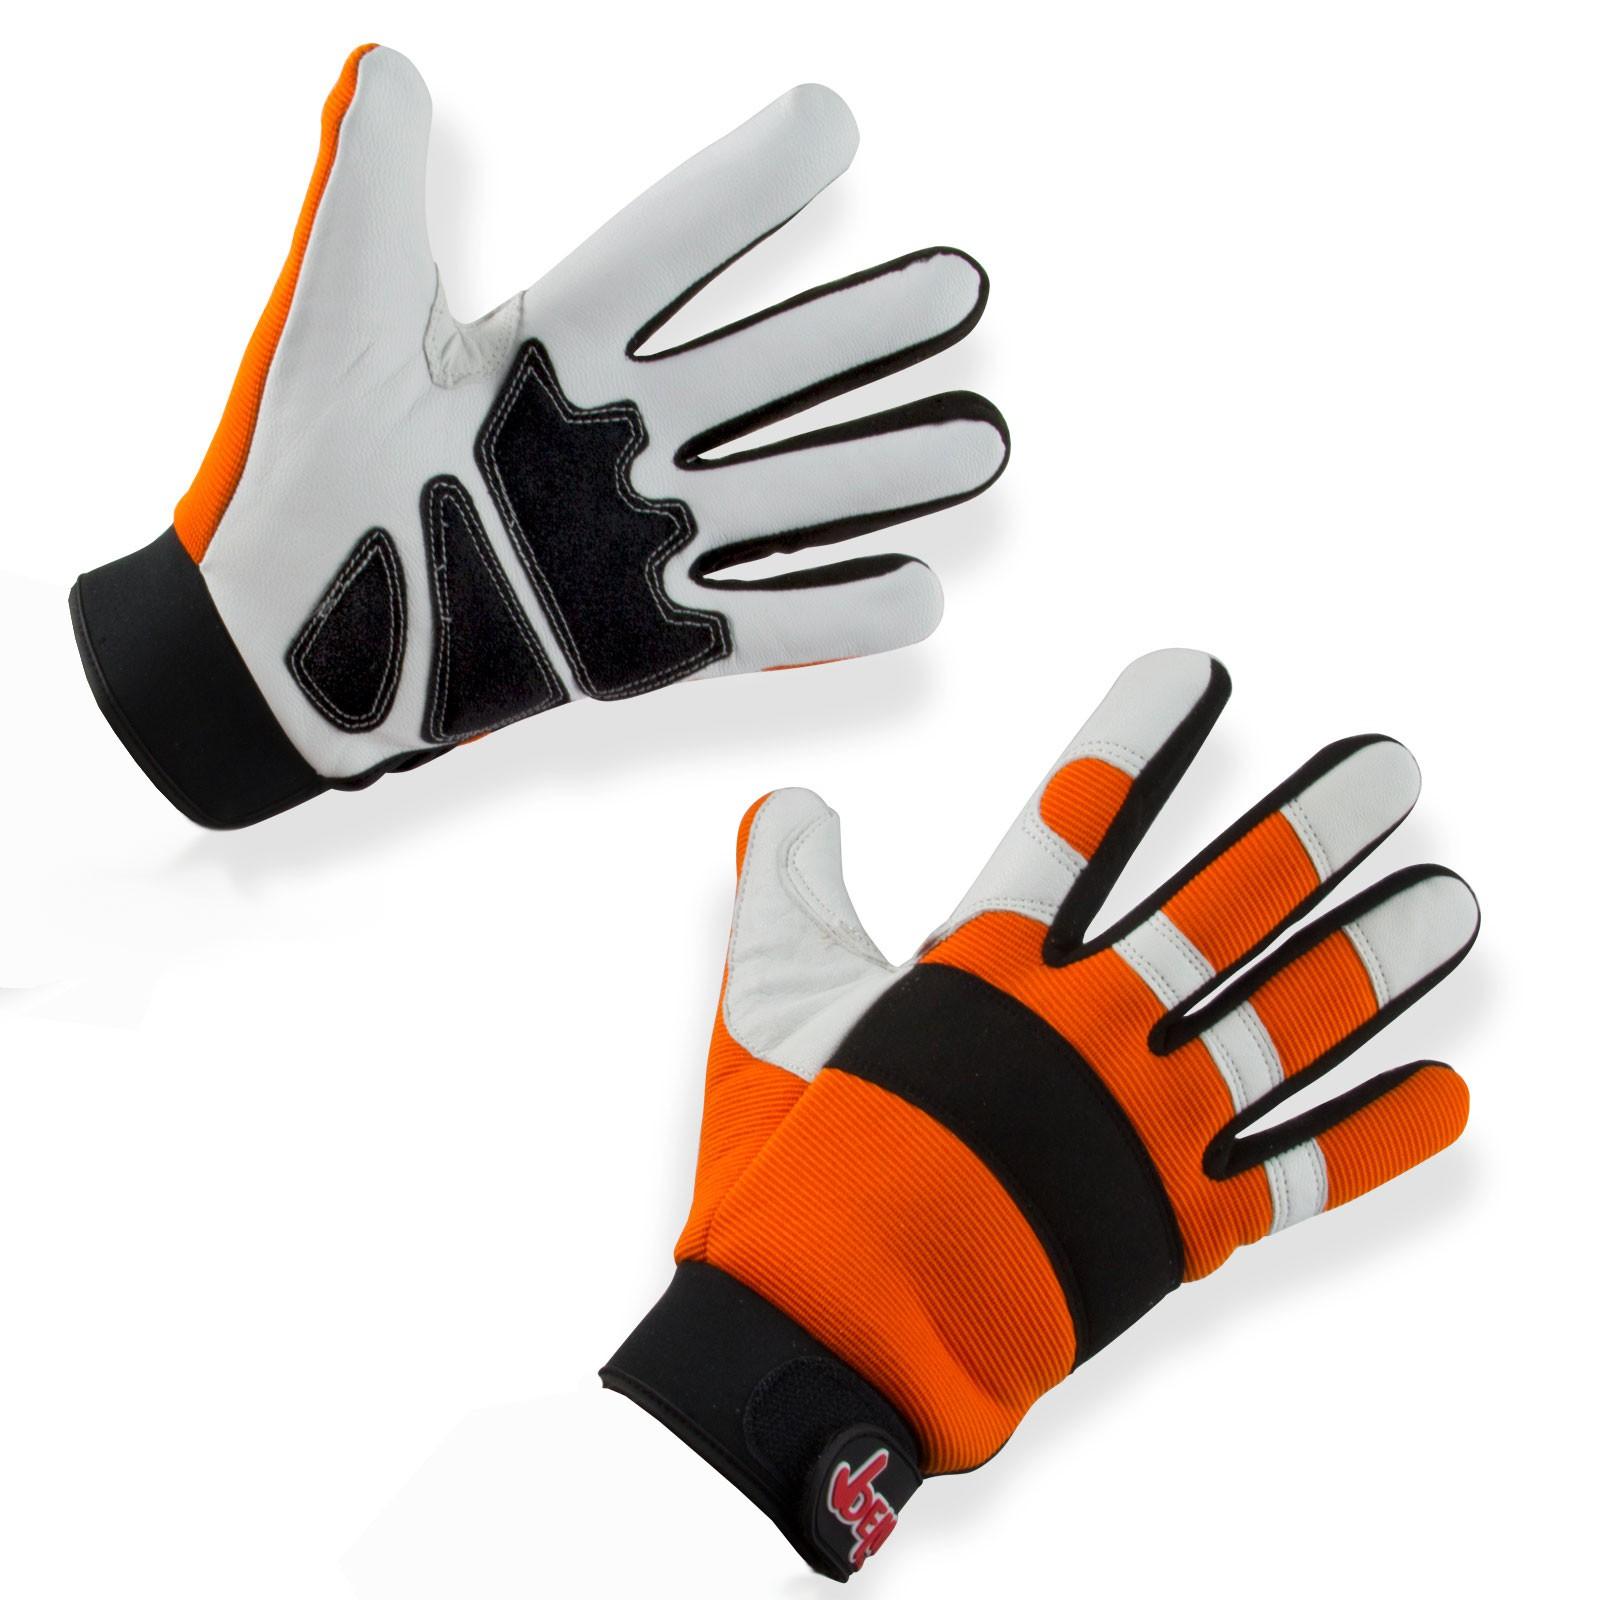 Dema Marken Forst Handschuhe Schnittschutz Gr. 9-12 Class1 DIN EN 381 30245